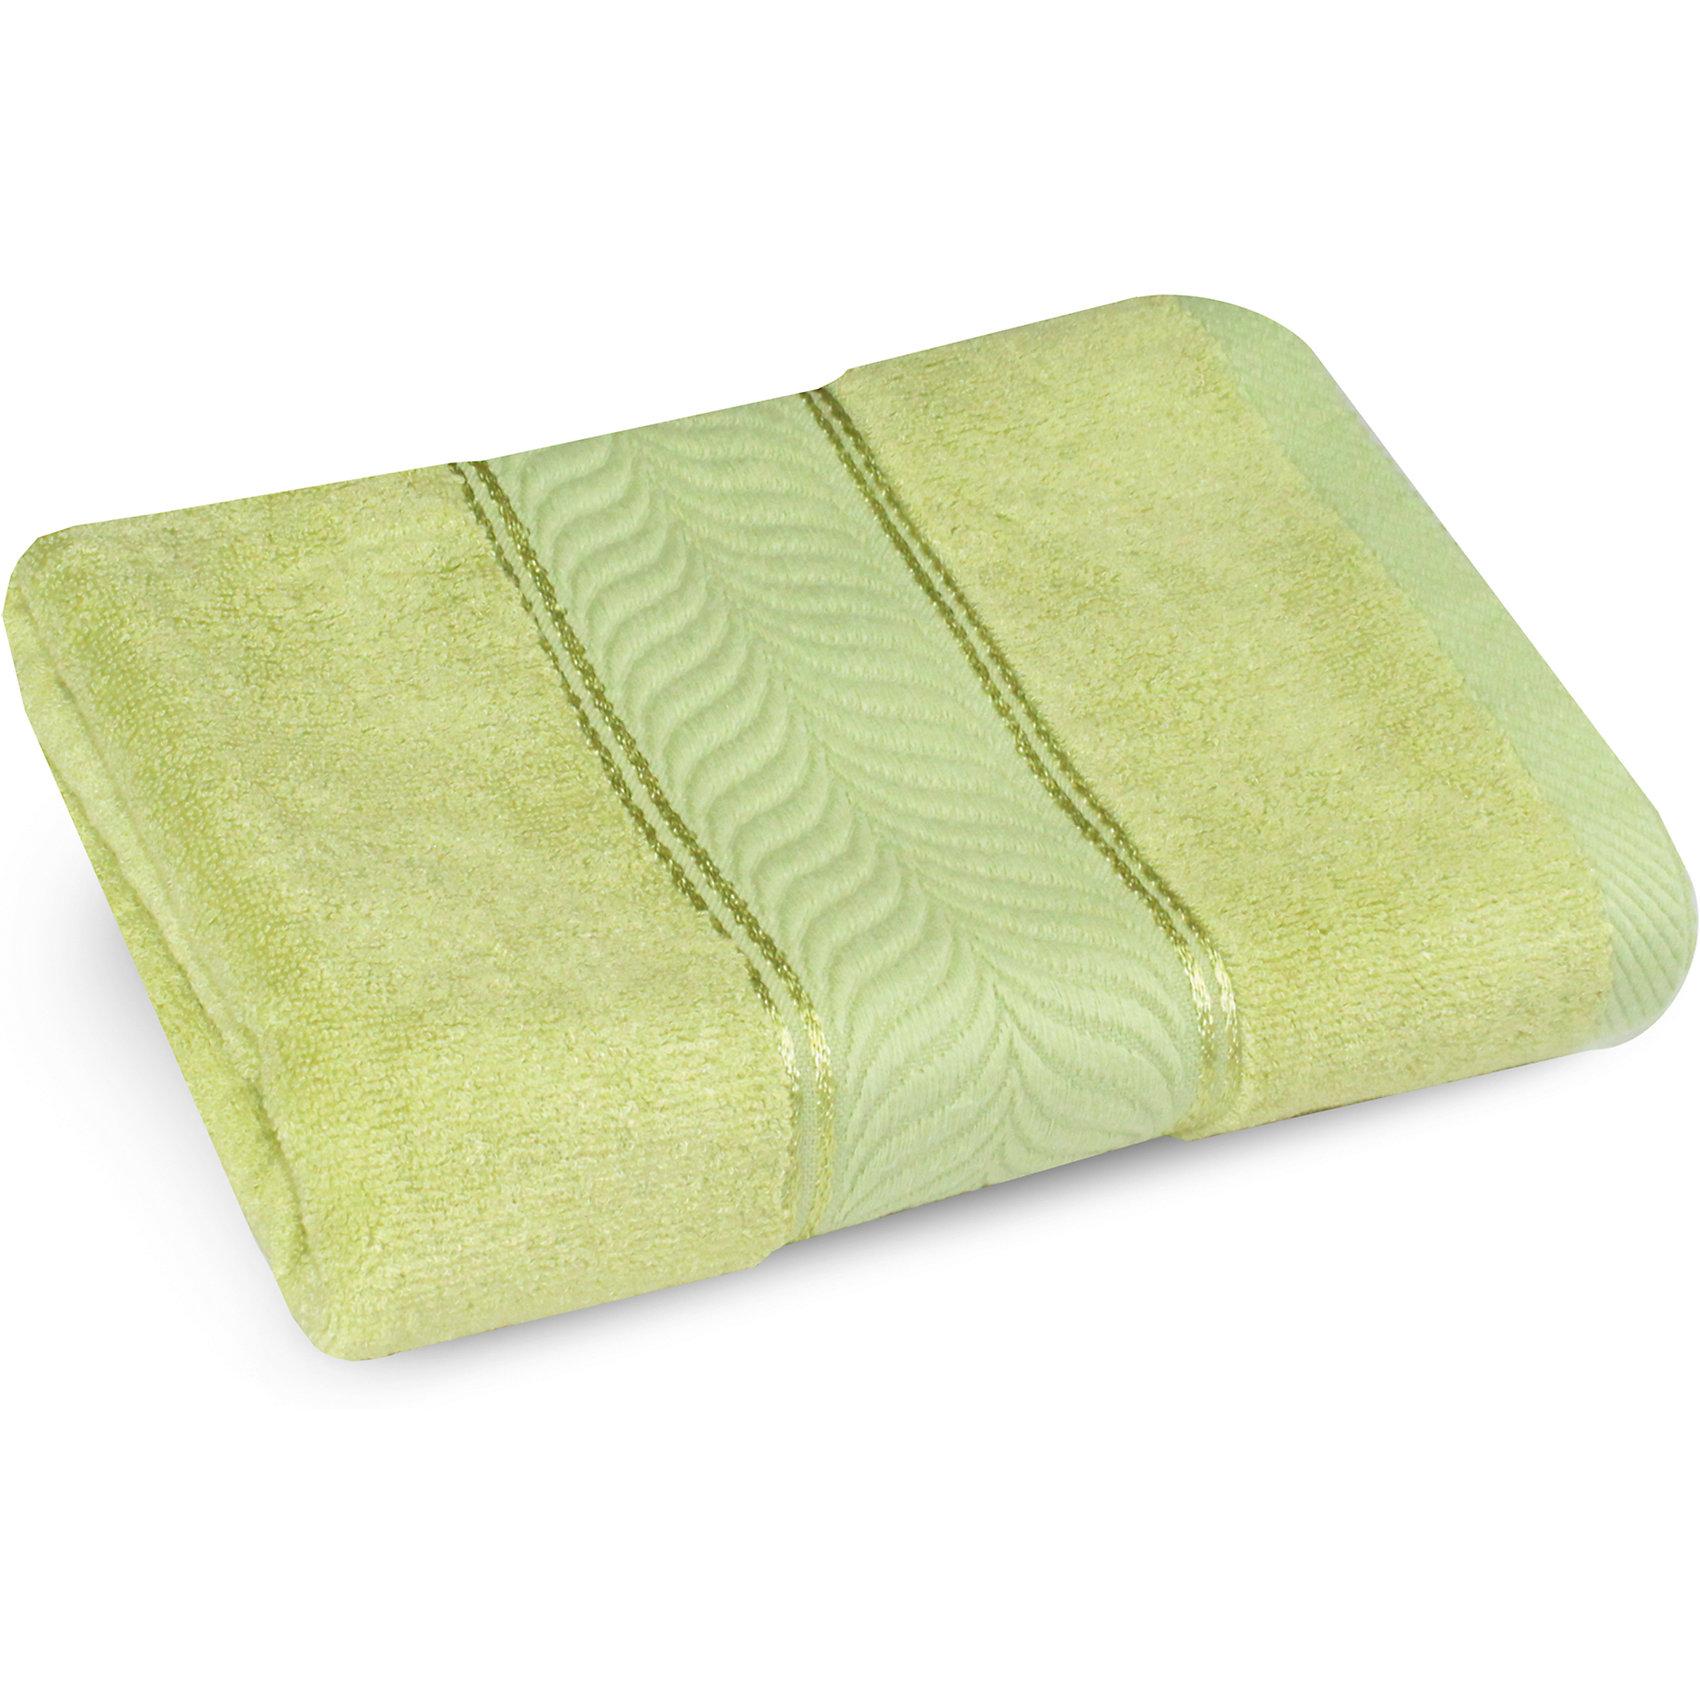 Полотенце махровое 50х100 Cozy Home бамбук, Cozy Home, зеленыйВанная комната<br>Полотенце махровое 50х100 бамбук, Cozy Home (Кози Хоум), зеленый<br><br>Характеристики:<br><br>• быстро впитывает влагу<br>• препятствует размножению бактерий<br>• легко отстирывается<br>• размер: 50х100 см<br>• материал: бамбук<br>• бордюр: вискоза<br>• цвет: зеленый<br><br>Махровое полотенце от Cozy Home изготовлено из экологически чистого материала - бамбука. Оно быстро впитывает большое количество влаги. При этом бамбуковые волокна препятствуют размножению микробов и бактерий. Полотенце очень приятно на ощупь, а также не вызывает раздражения на коже. Оно отлично подойдет даже для новорожденных. Полотенце очень неприхотливо в уходе. Достаточно постирать его при температуре 30-40? или вручную с мылом. Приятный дизайн полотенца понравится каждому. Бордюр из вискозы придает полотенцу особенную нежность и изысканность. Это полотенце подарит вам комфорт и уют, радуя своей мягкостью.<br><br>Полотенце махровое 50х100 бамбук, Cozy Home (Кози Хоум), зеленый можно купить в нашем интернет-магазине.<br><br>Ширина мм: 150<br>Глубина мм: 250<br>Высота мм: 150<br>Вес г: 250<br>Возраст от месяцев: 0<br>Возраст до месяцев: 216<br>Пол: Унисекс<br>Возраст: Детский<br>SKU: 5355298